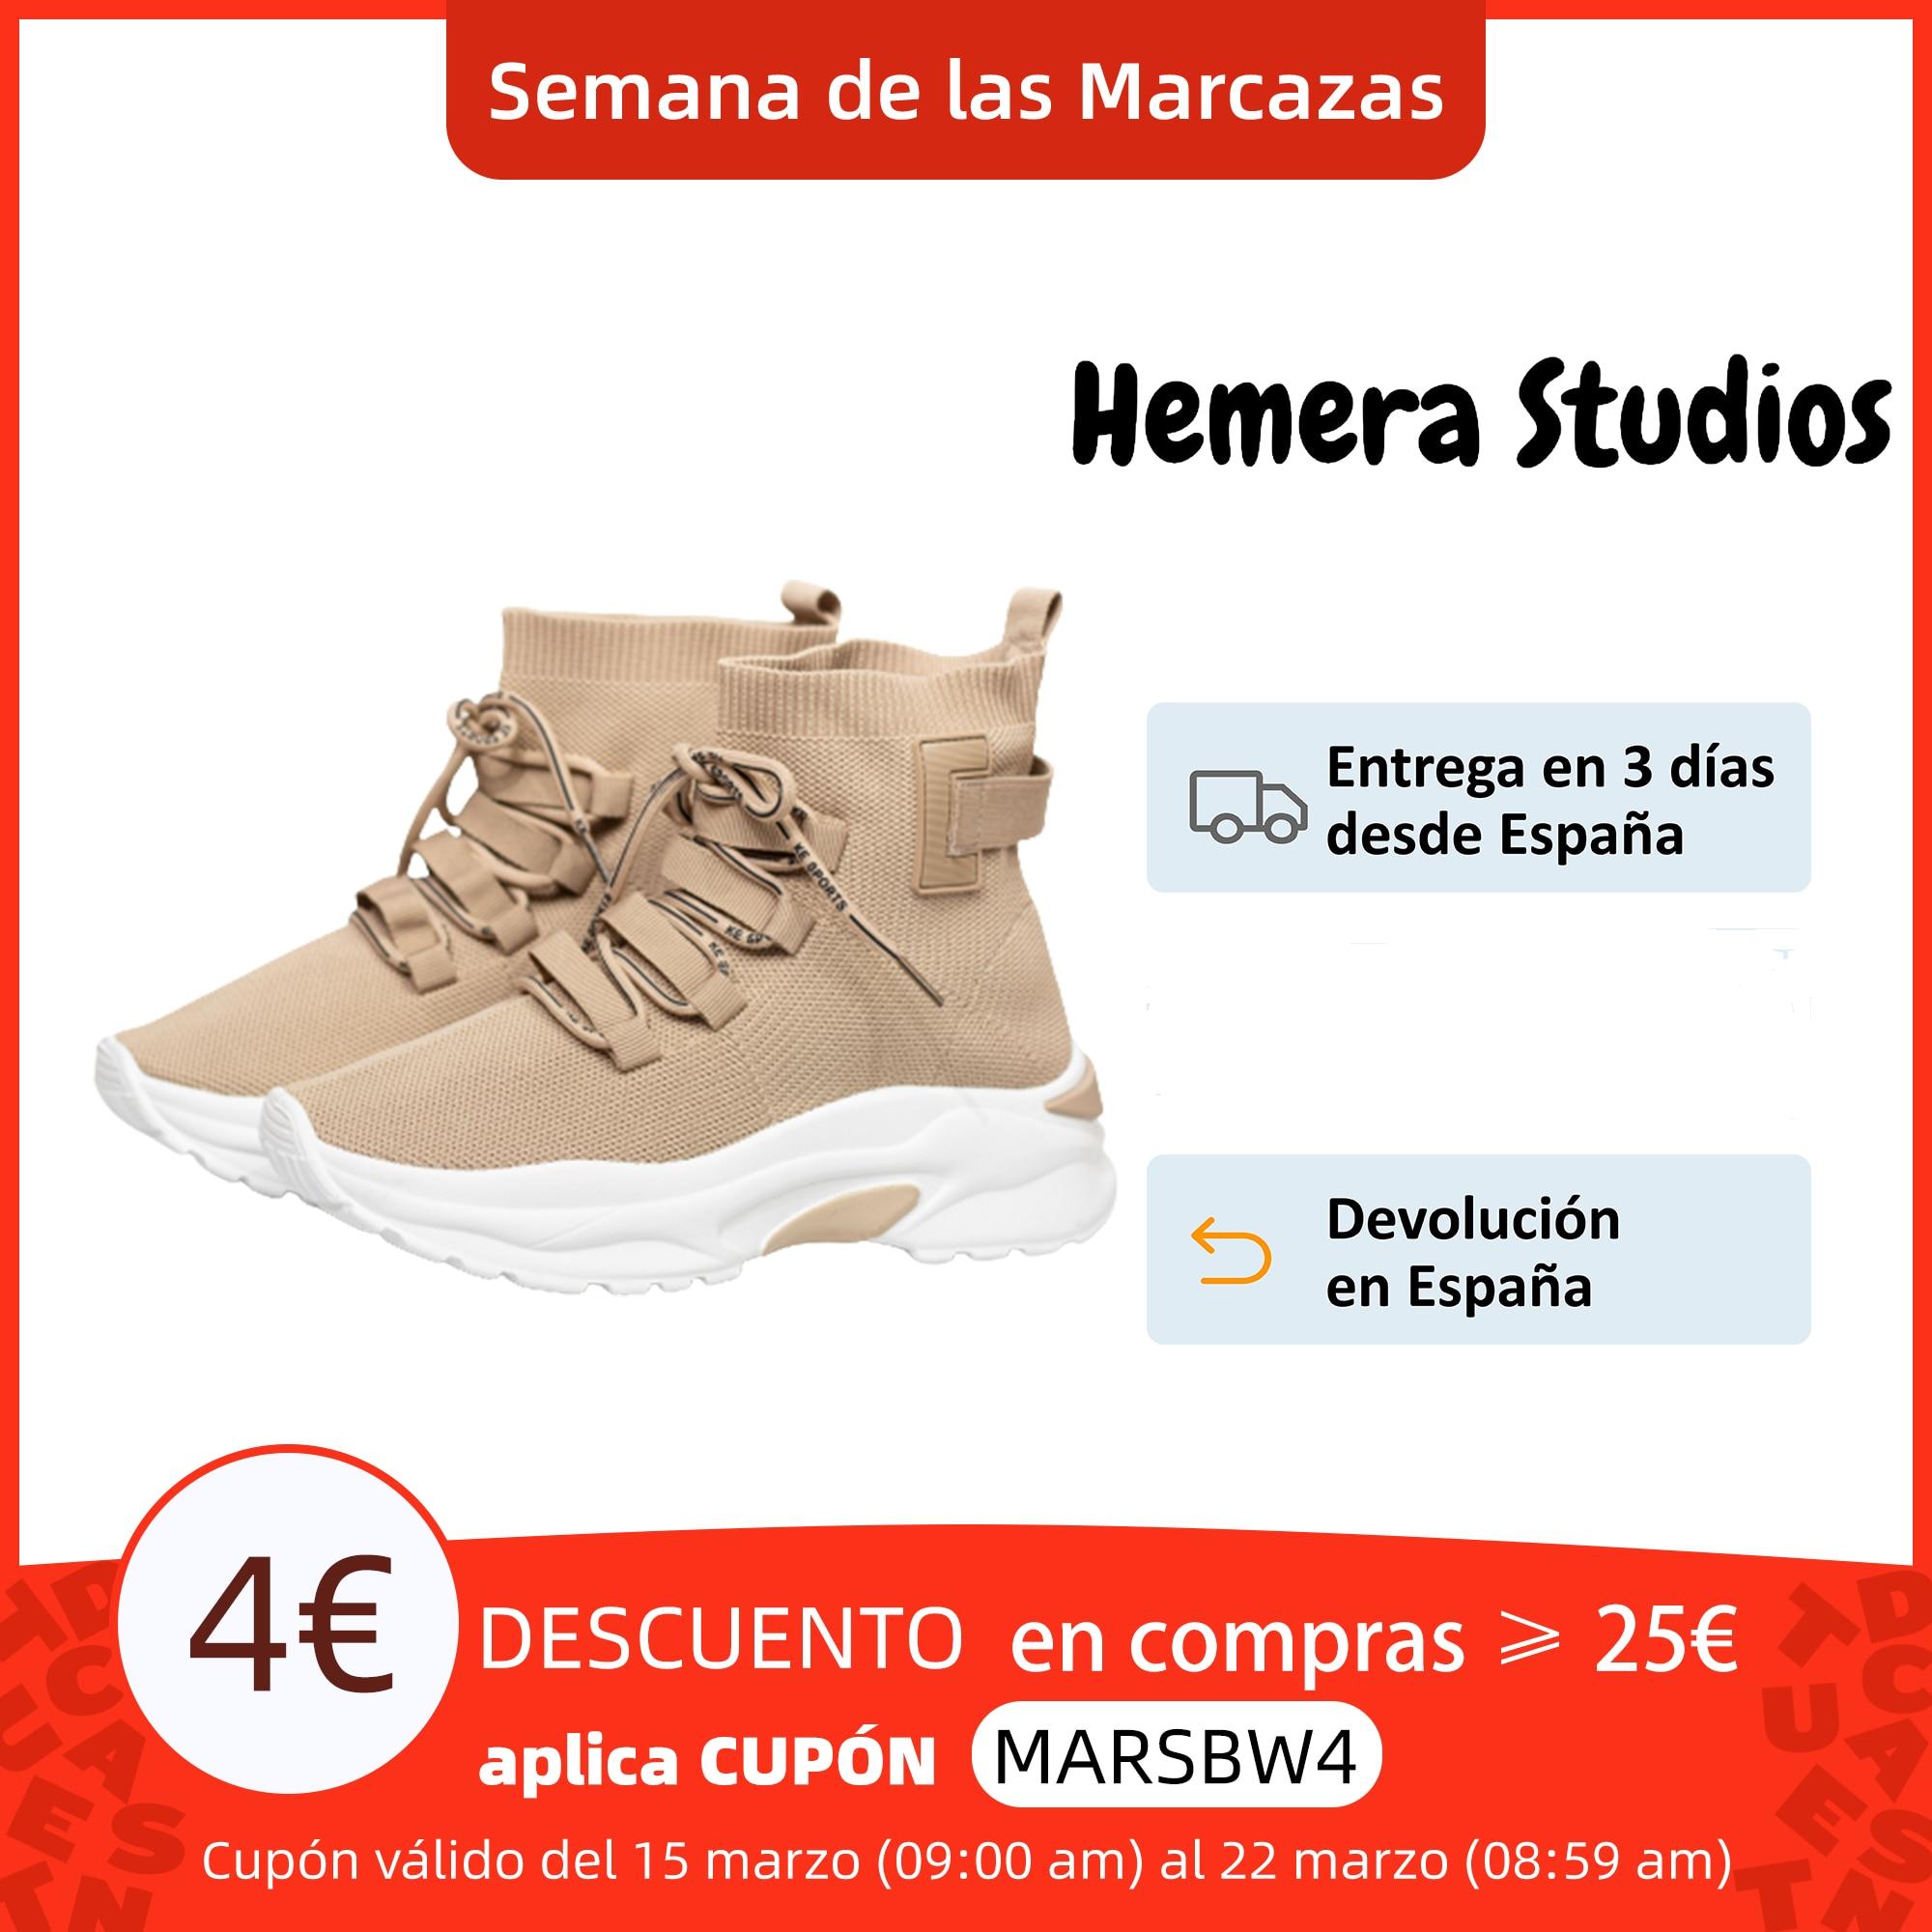 Hemera Studios Zapatillas Tipo Calcetín Mujer Deportivo Botín 2021 Calzados Cómodos tejido cámara de aire sneakers multicolor Zapatos vulcanizados de mujer  - AliExpress